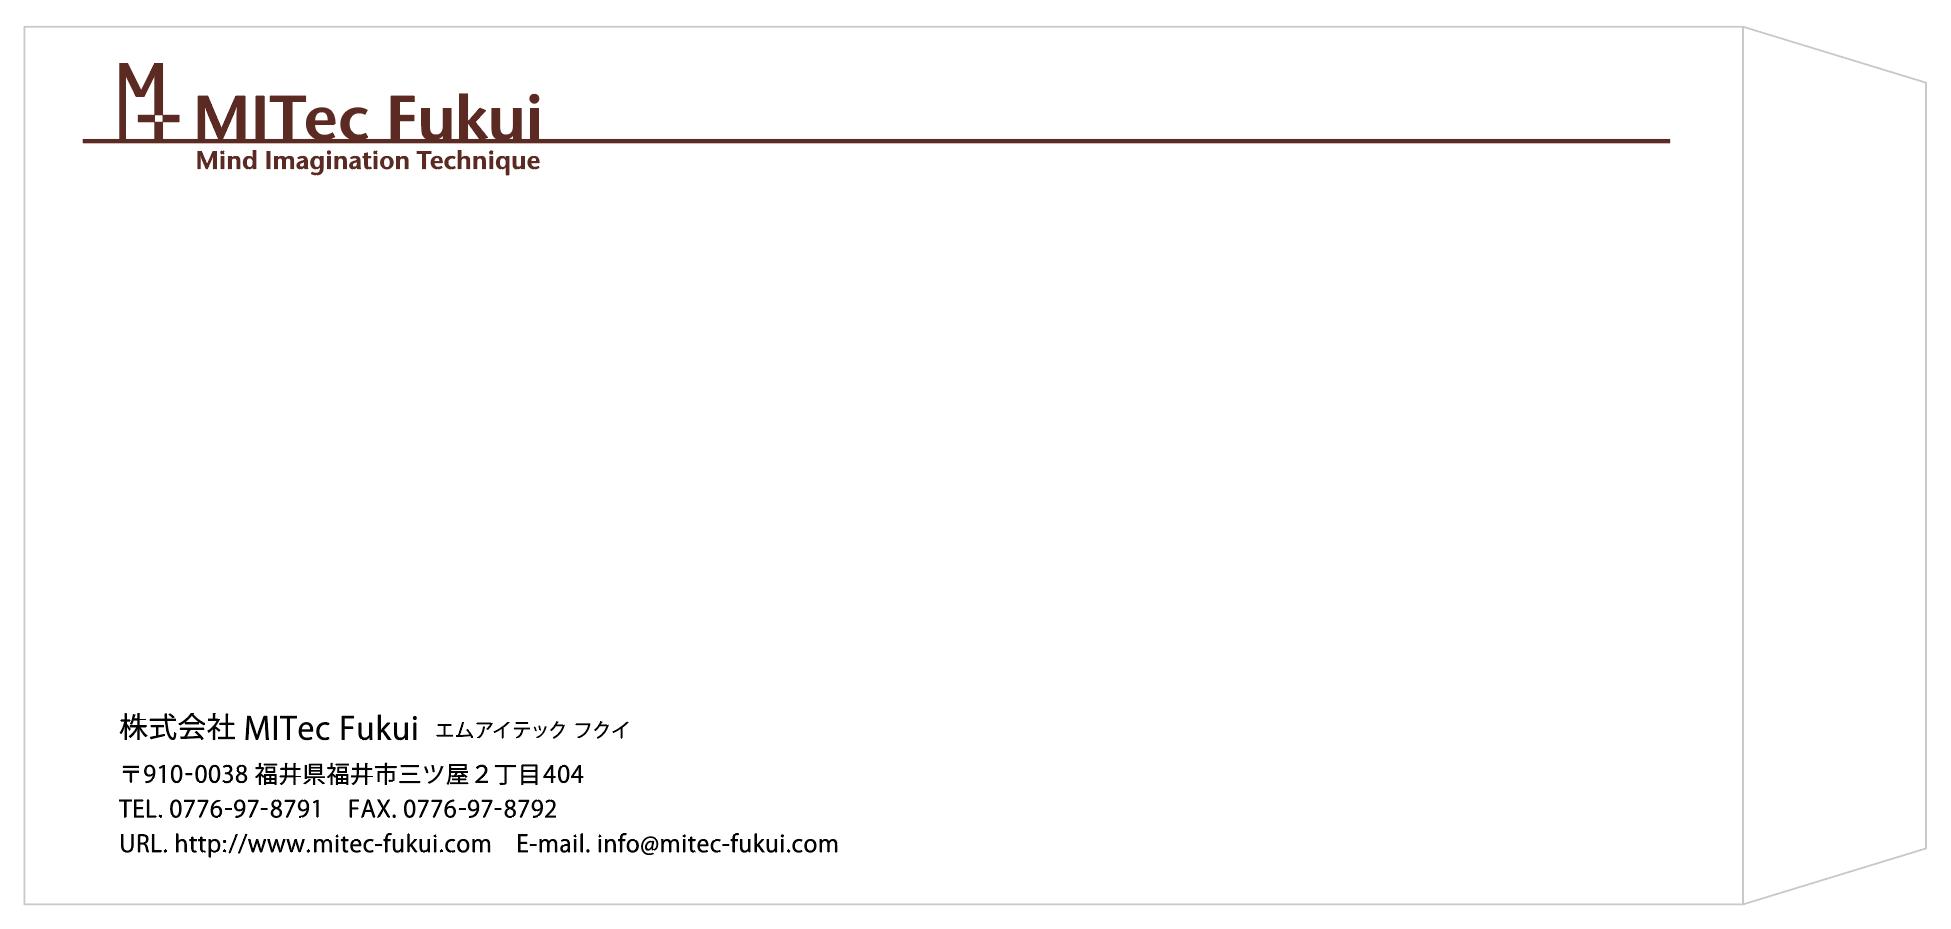 201411MITec長3封筒